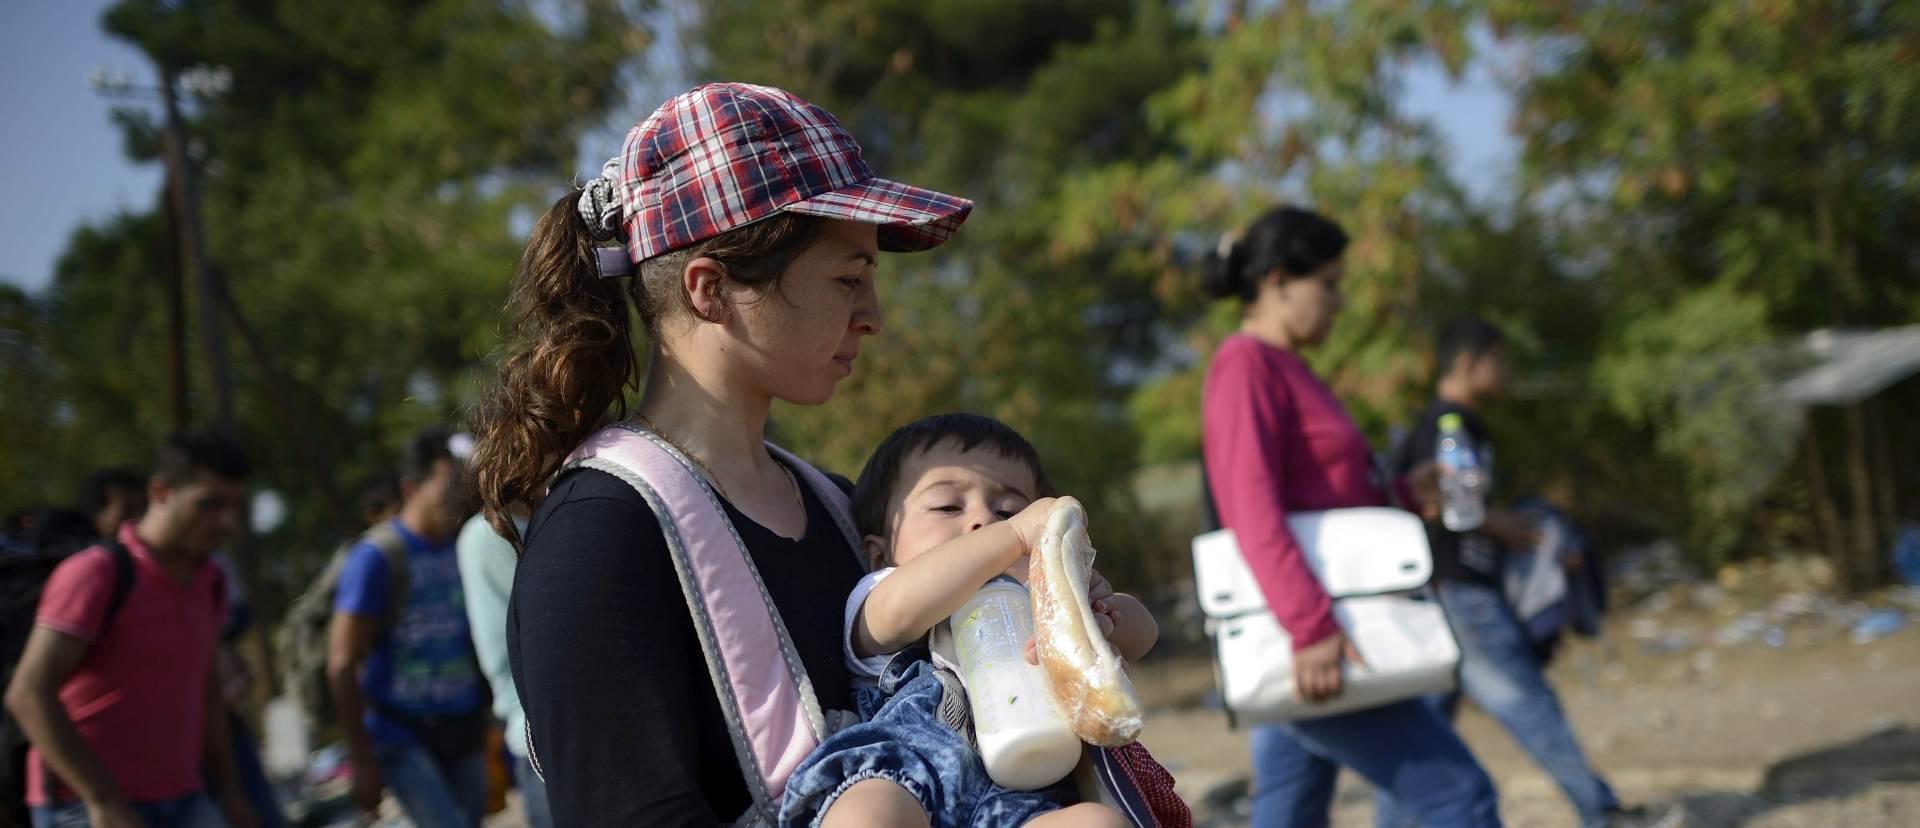 TRGOVCI ŽIVOTIMA: Uhićeni krijumčari izbjeglica u Italiji i Mađarskoj